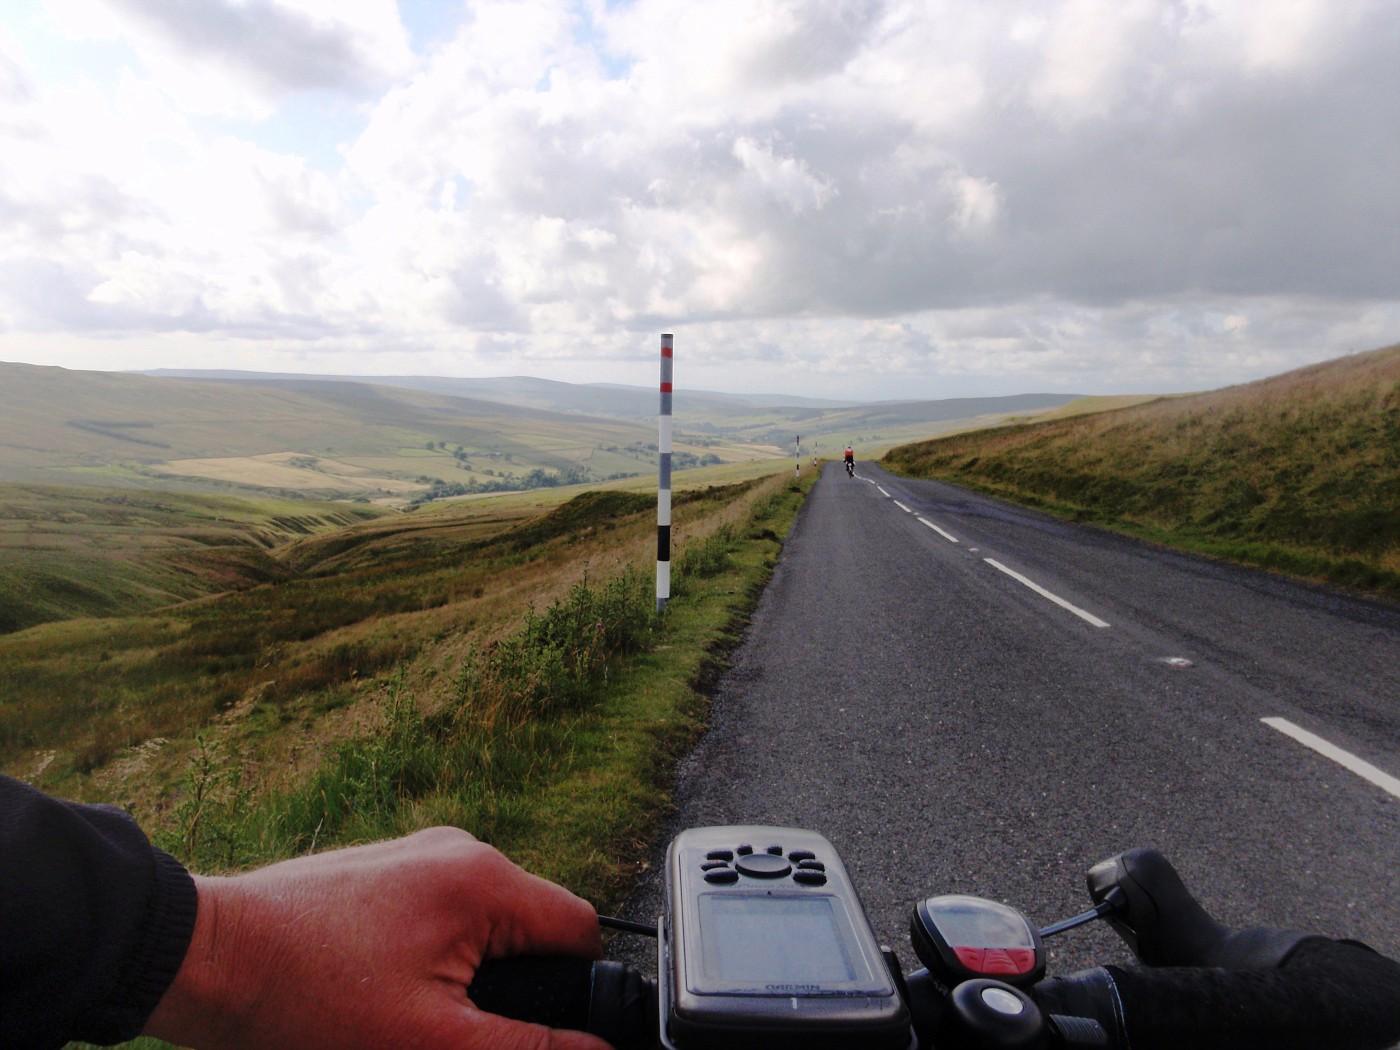 Road through the hills of Cumbria